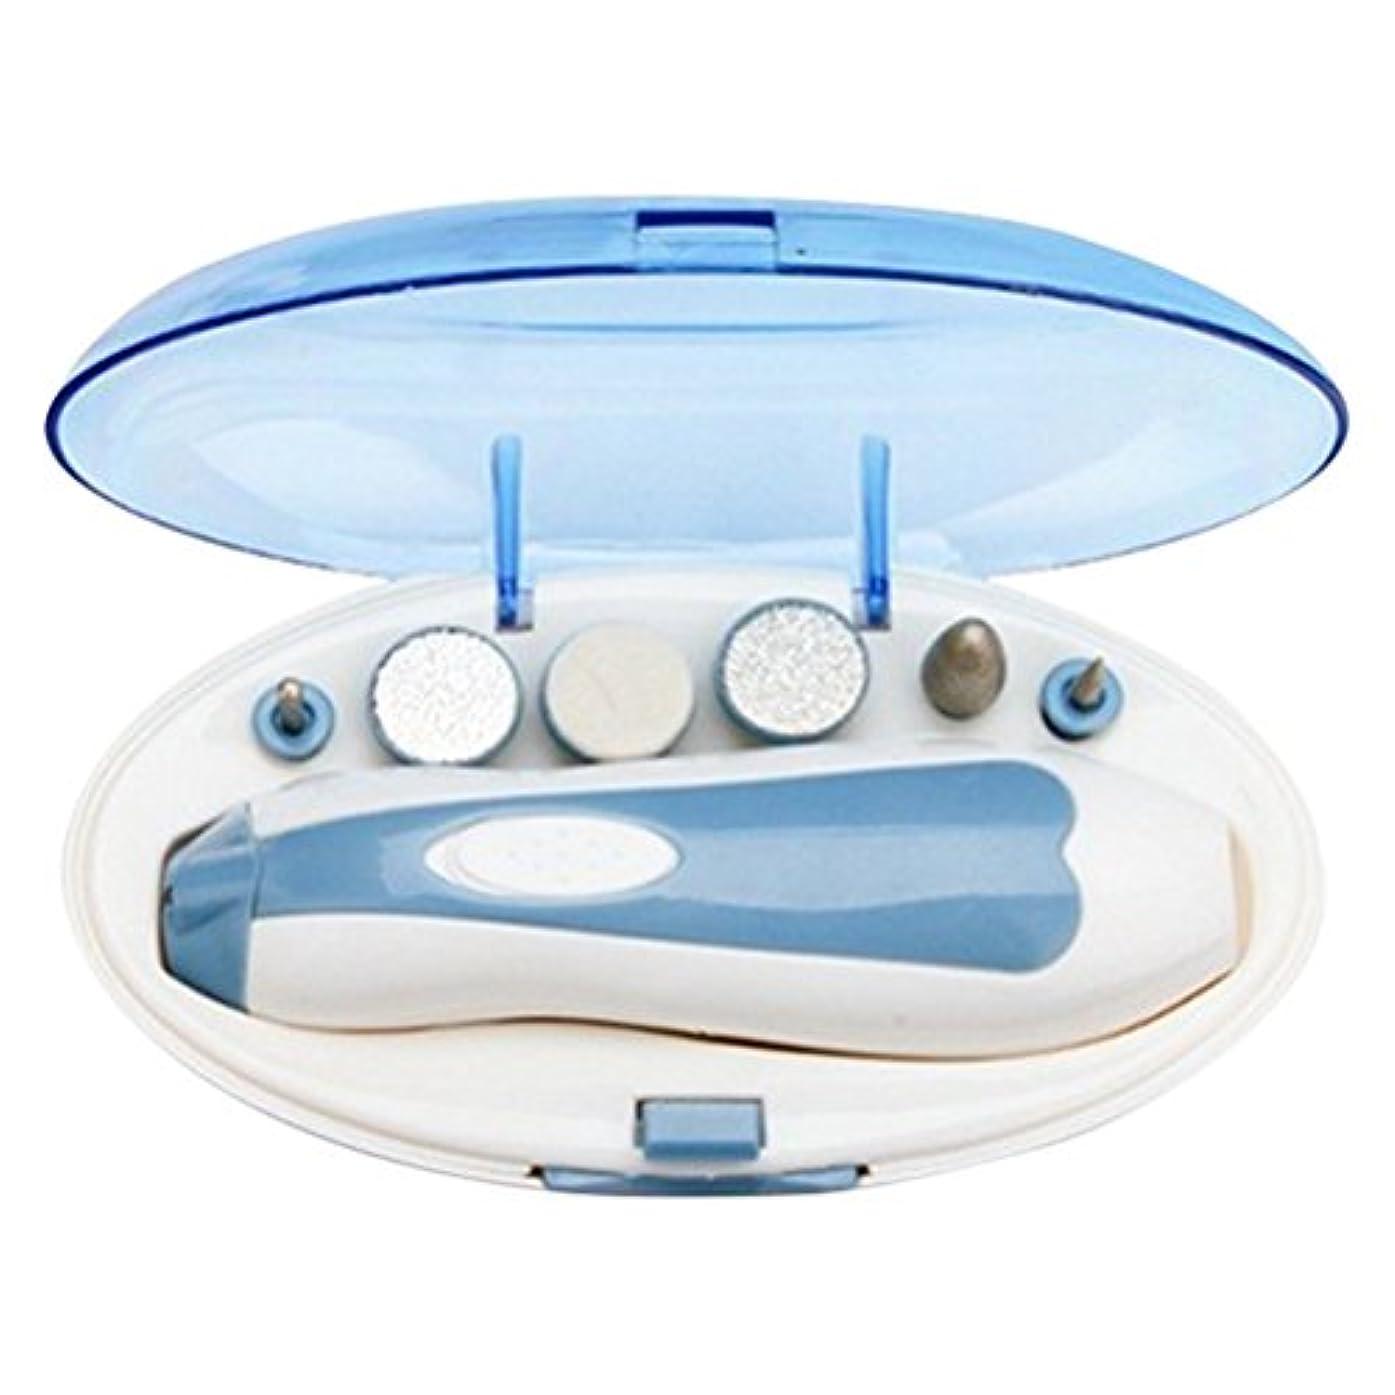 幻想的耐久小川電動式ネイルケア ネイルマシン ネイルマシーン電動爪磨き 電池式 LEDライト搭載 アタッチメント6種類付き 甘皮 角質除去  持ち運び便利 ブルー ケース付